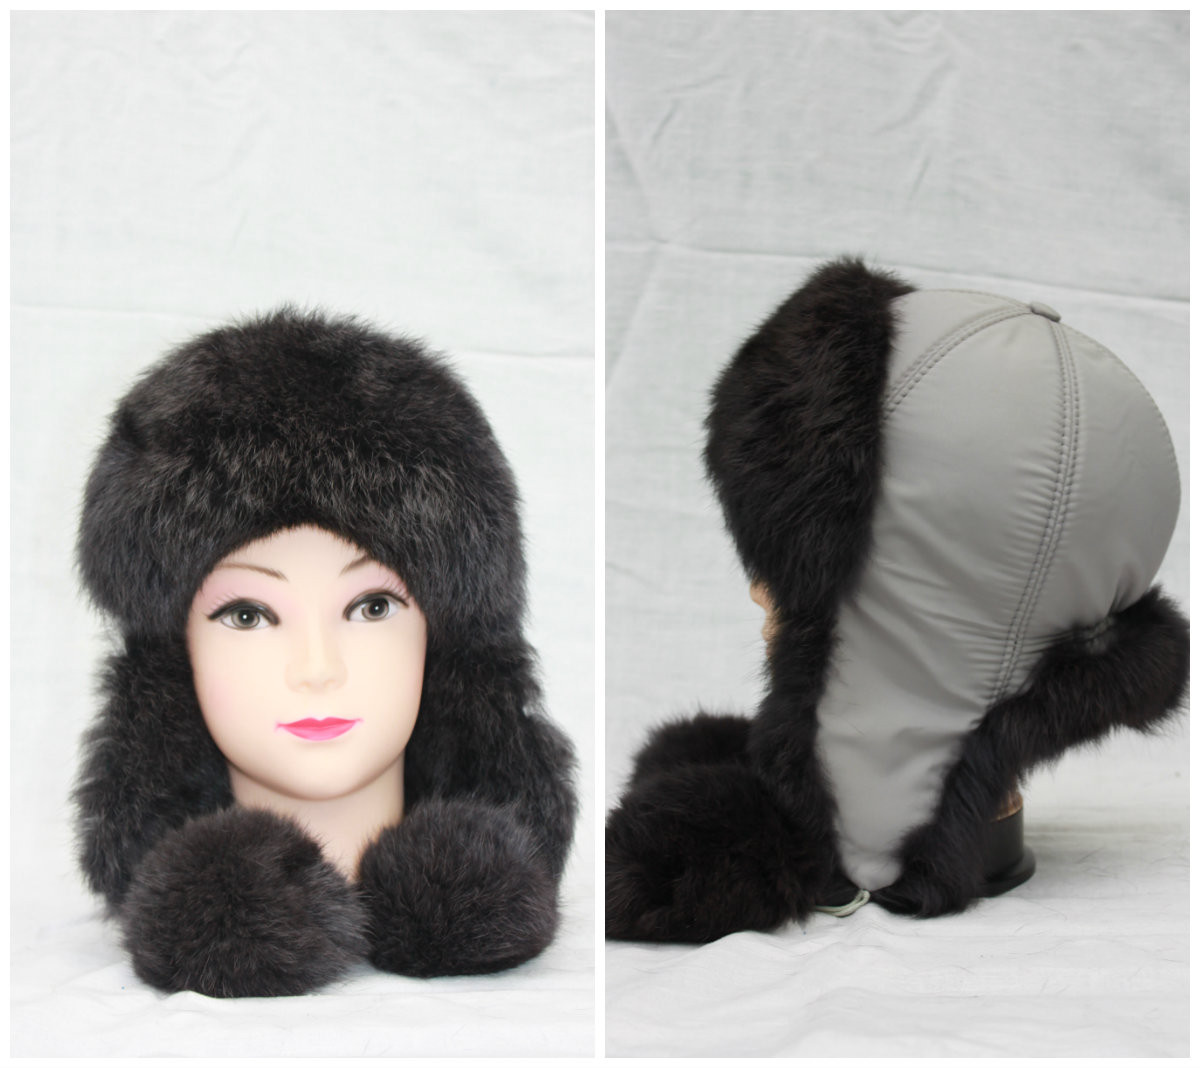 Дитяча зимова шапка з кролика, вушанка, від виробника, різні кольори